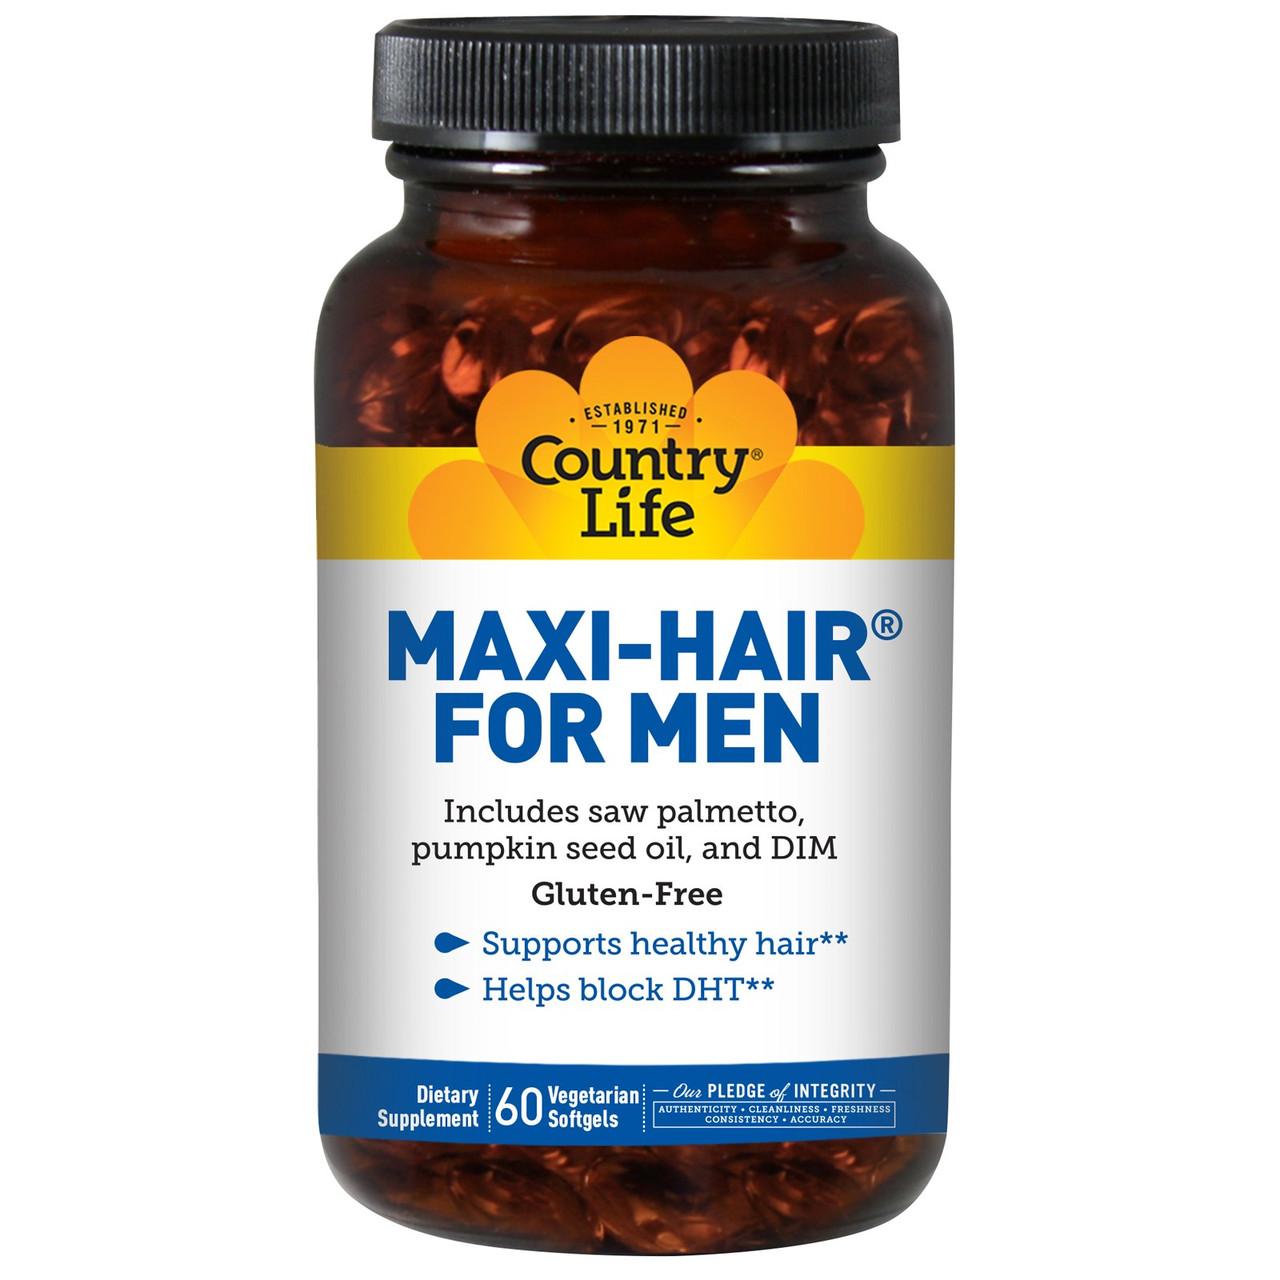 Витамины для волос Maxi-Hair ® для мужчин. Country Life, США